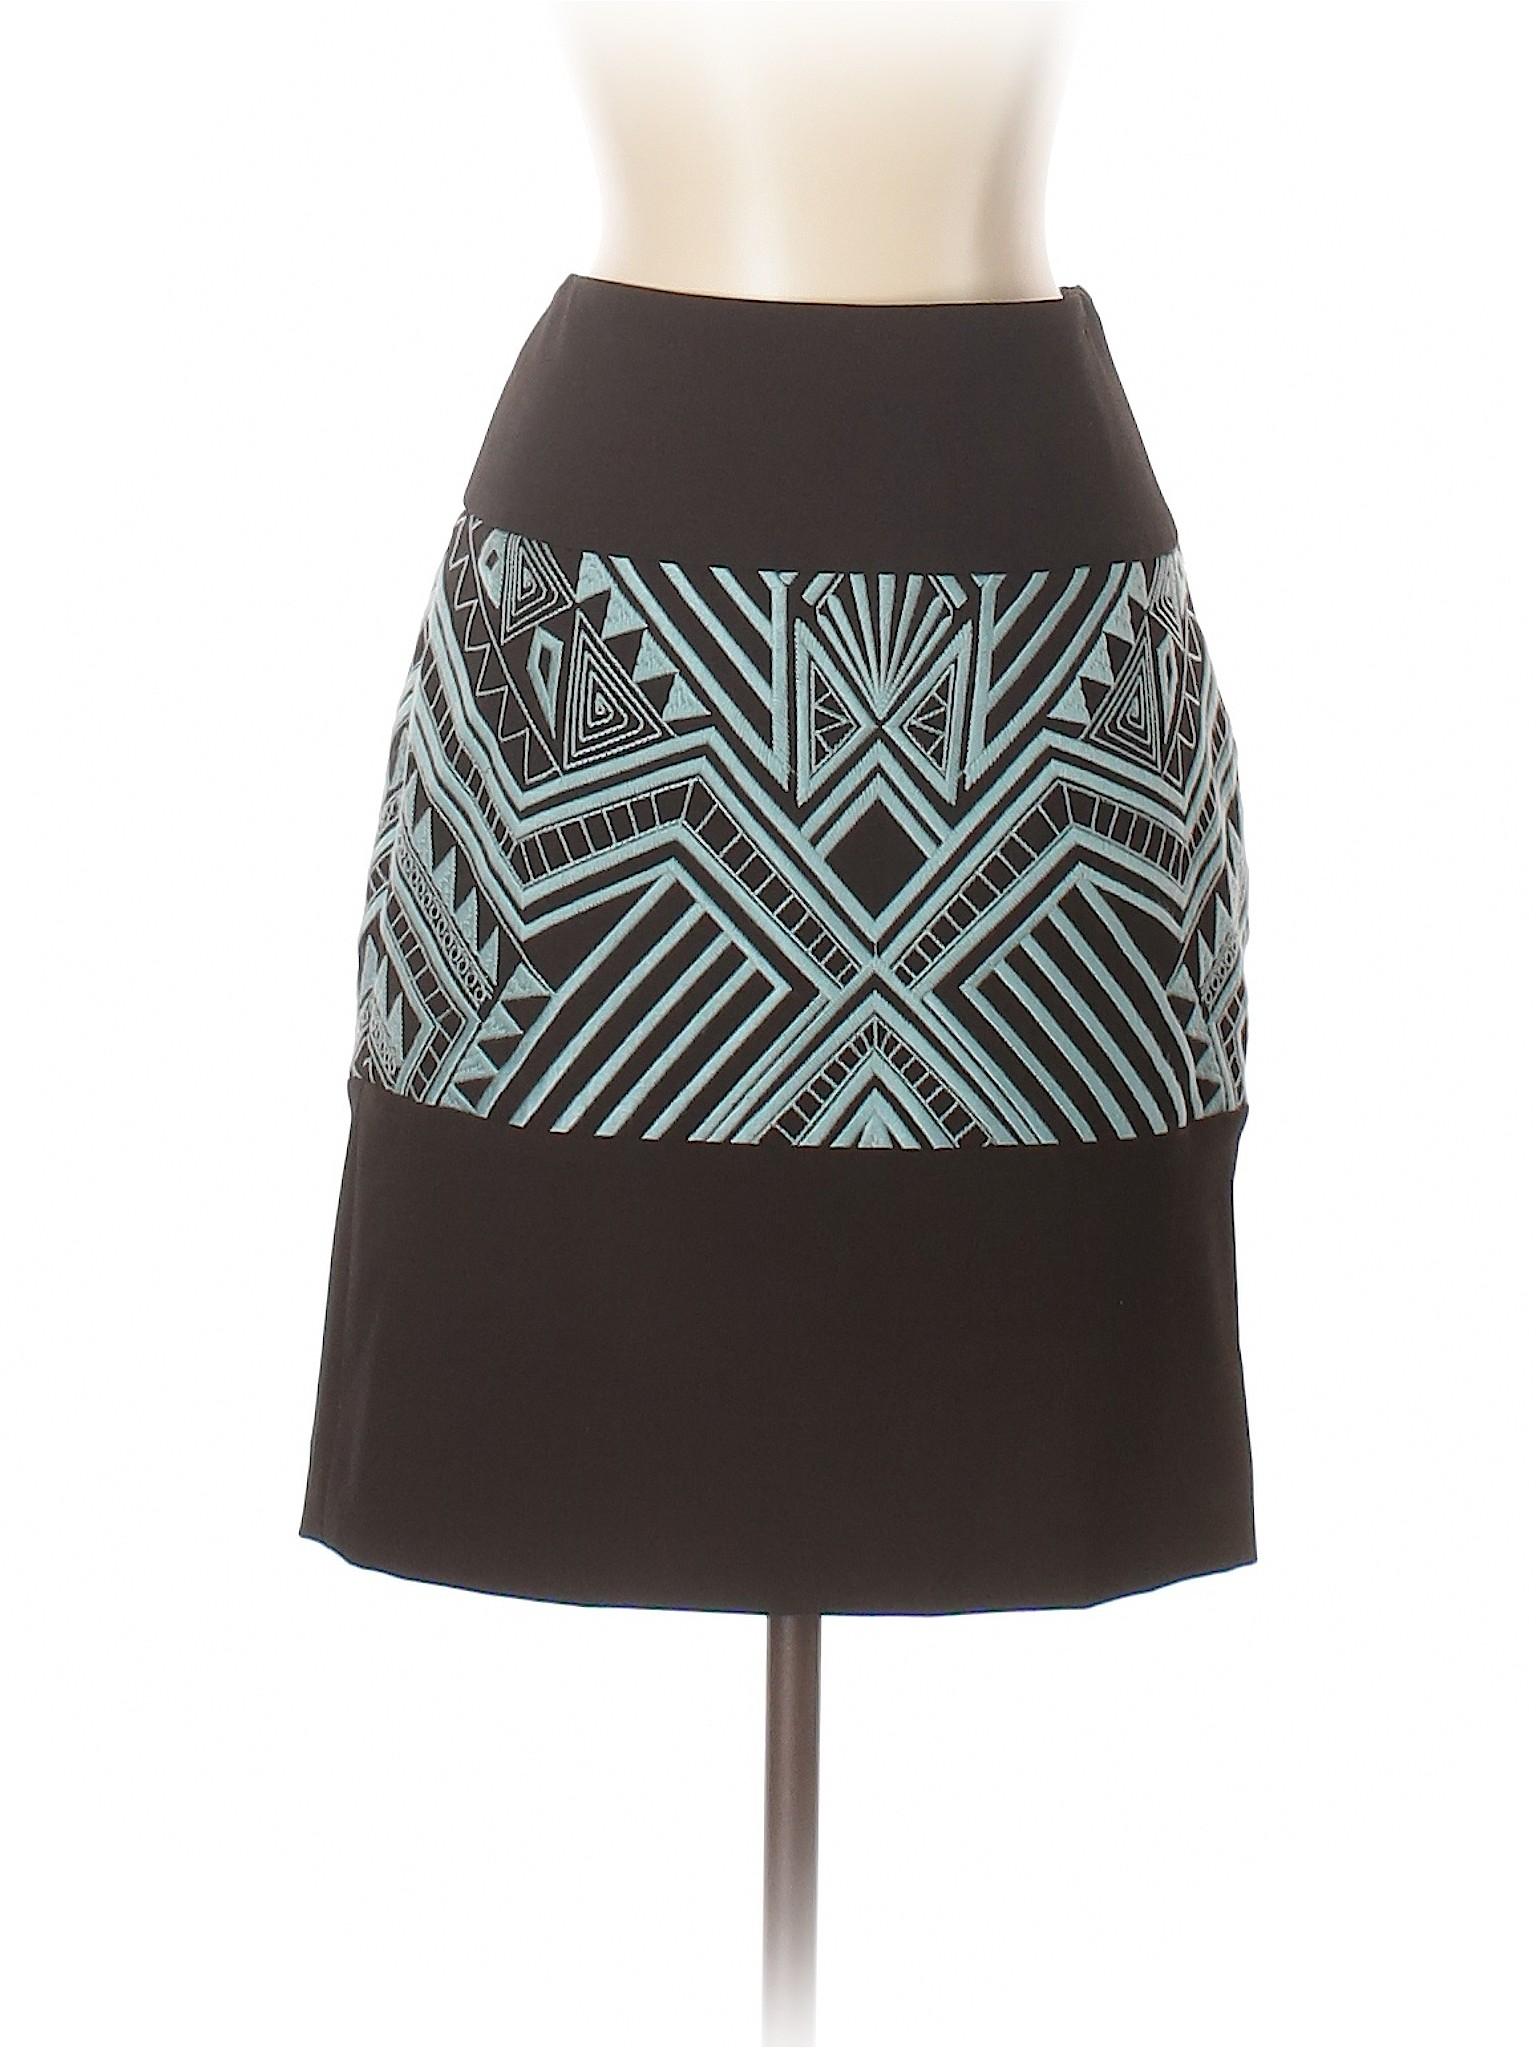 Boutique Boutique Skirt Boutique Casual Casual Skirt Casual qnStPFFwx